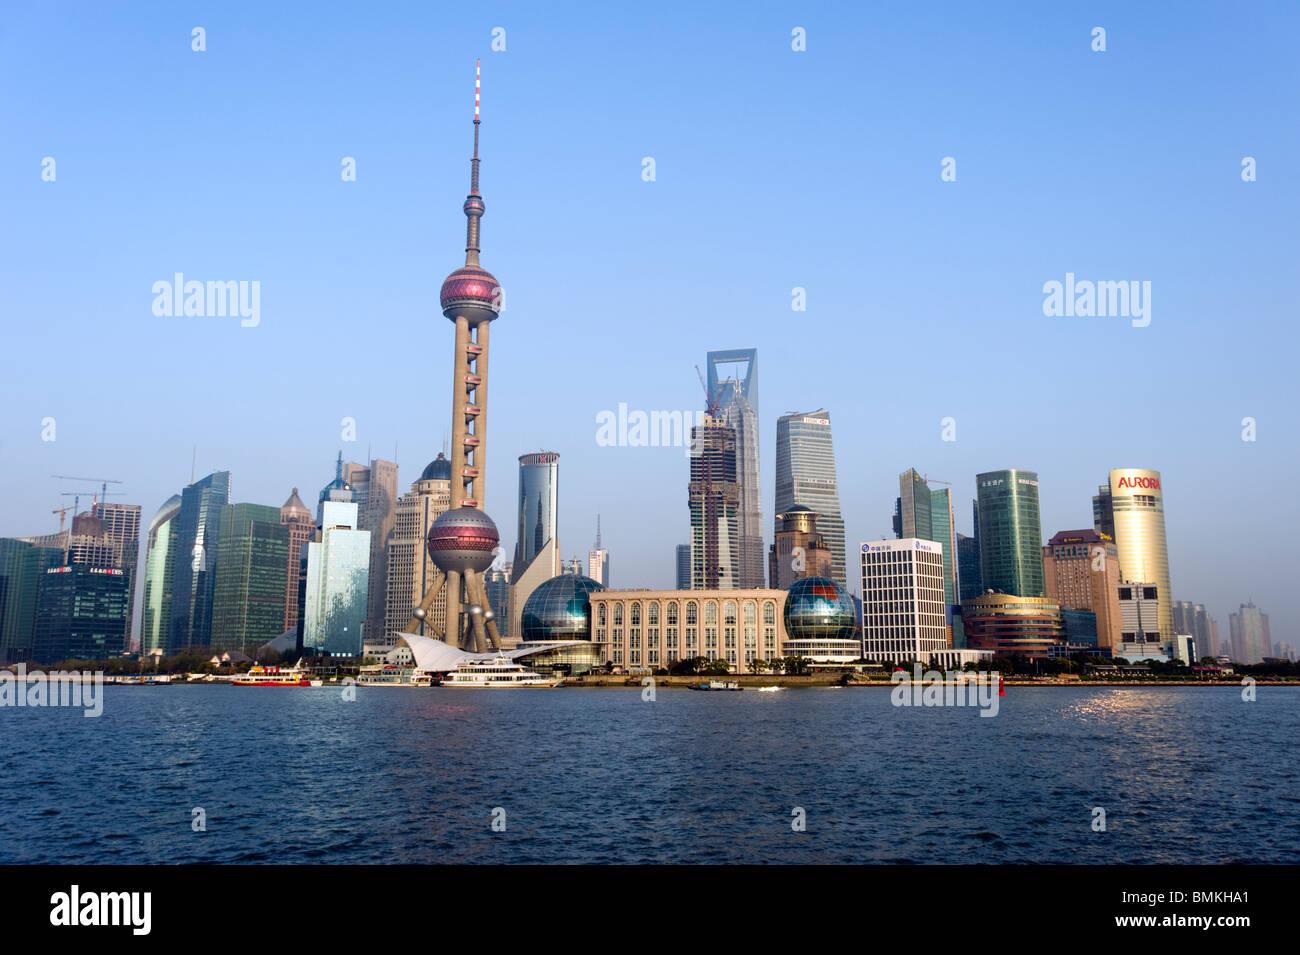 Vista sul fiume Huangpu waterfront e dello skyline della città, Shanghai, Cina Immagini Stock